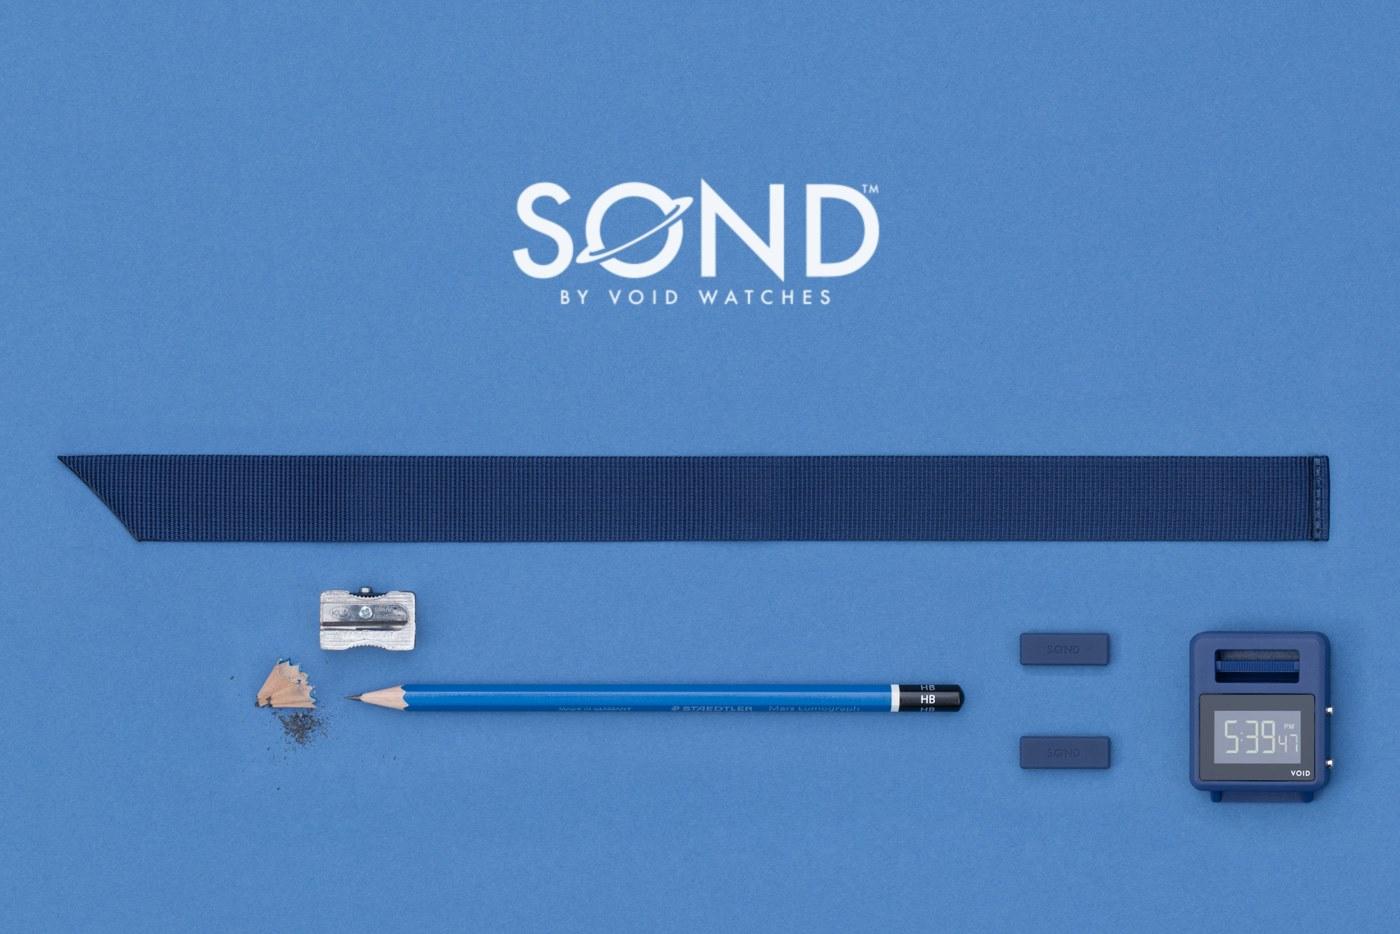 sond void